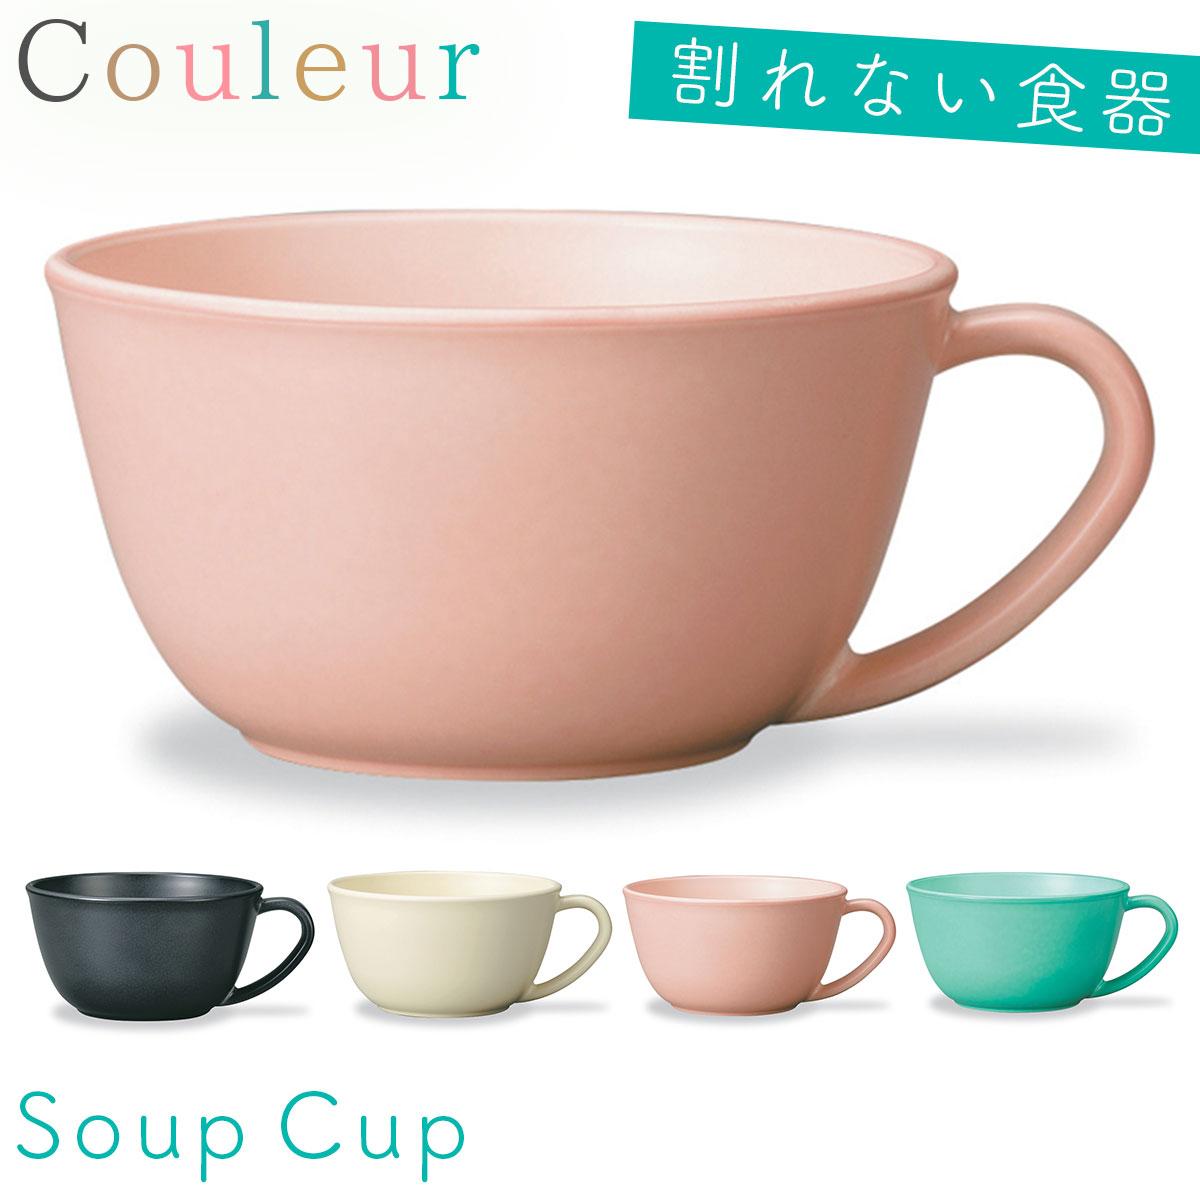 マグカップ マグカップ 大きめ おしゃれ 割れない 日本製 クルール スープカップ アウトドア キャンプ ピクニック おしゃれ 人気